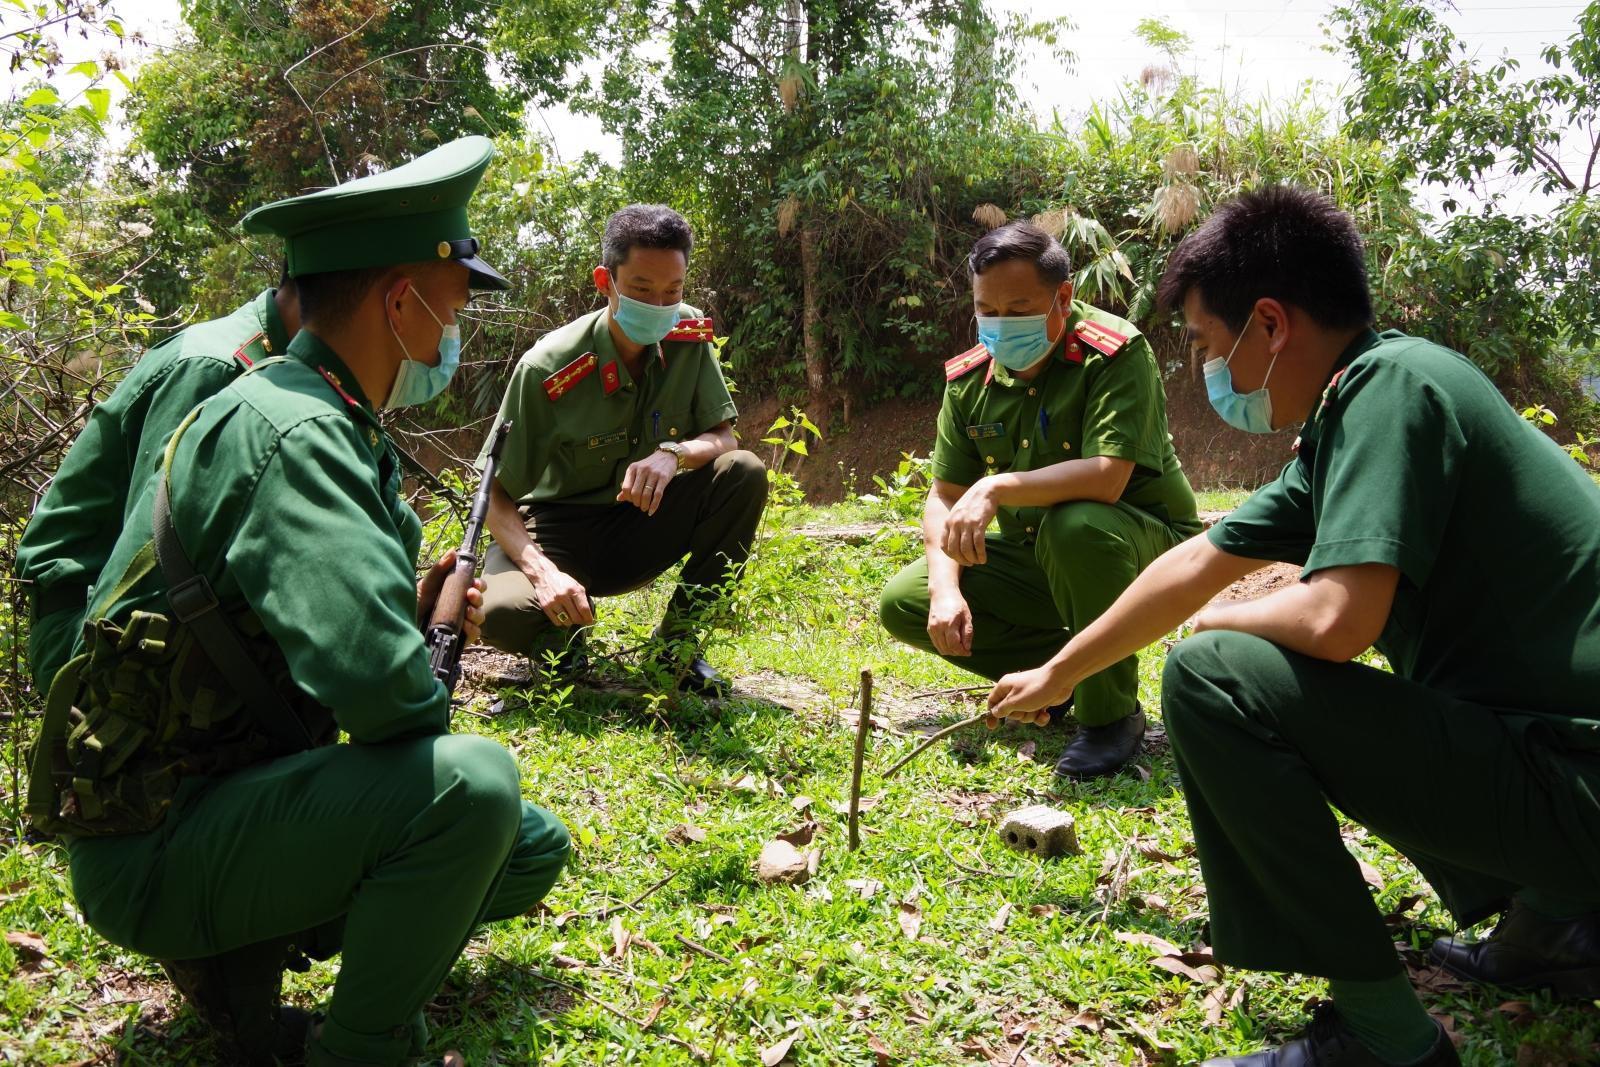 Điện Biên: 25 người bị bắt giữ vì tổ chức xuất cảnh và xuất cảnh trái phép Ảnh 3